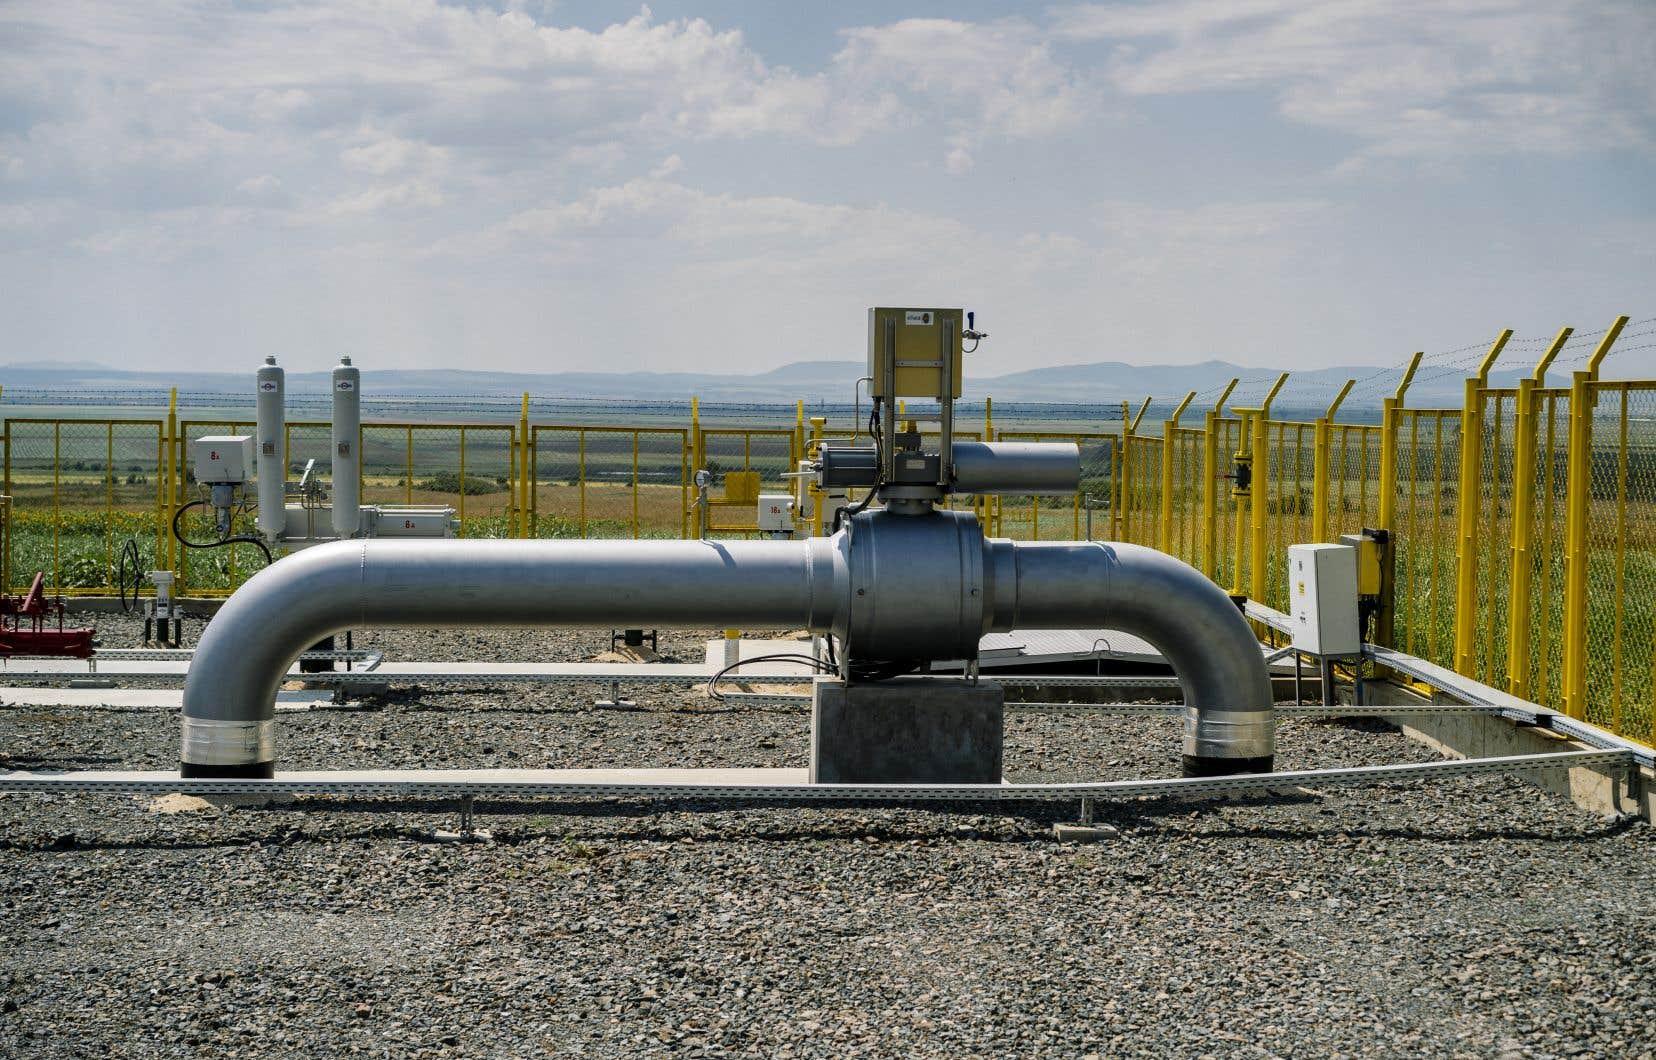 Gazoduq, le promoteur de la canalisation, et GNL Québec, derrière le projet Énergie Saguenay, ont encaissé un dur coup la semaine dernière après avoir vu un important investisseur se désister en raison du «contexte politique canadien des dernières semaines», marqué notamment par des blocus ferroviaires.